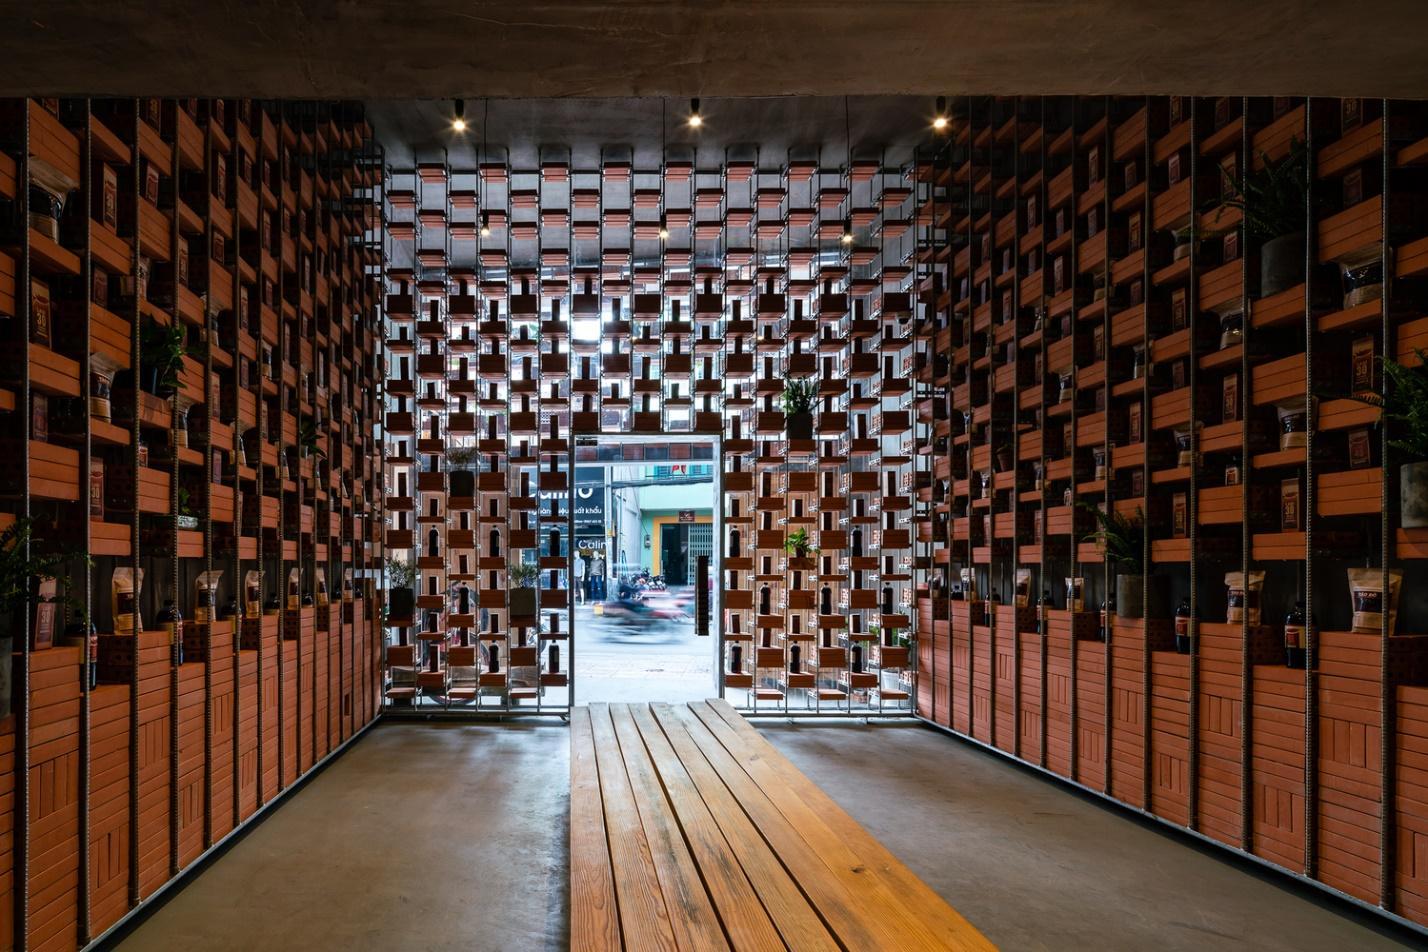 Các bức tường ở tầng 1 được lấp đầy bởi nước mắm và các sản phẩm hữu cơ.